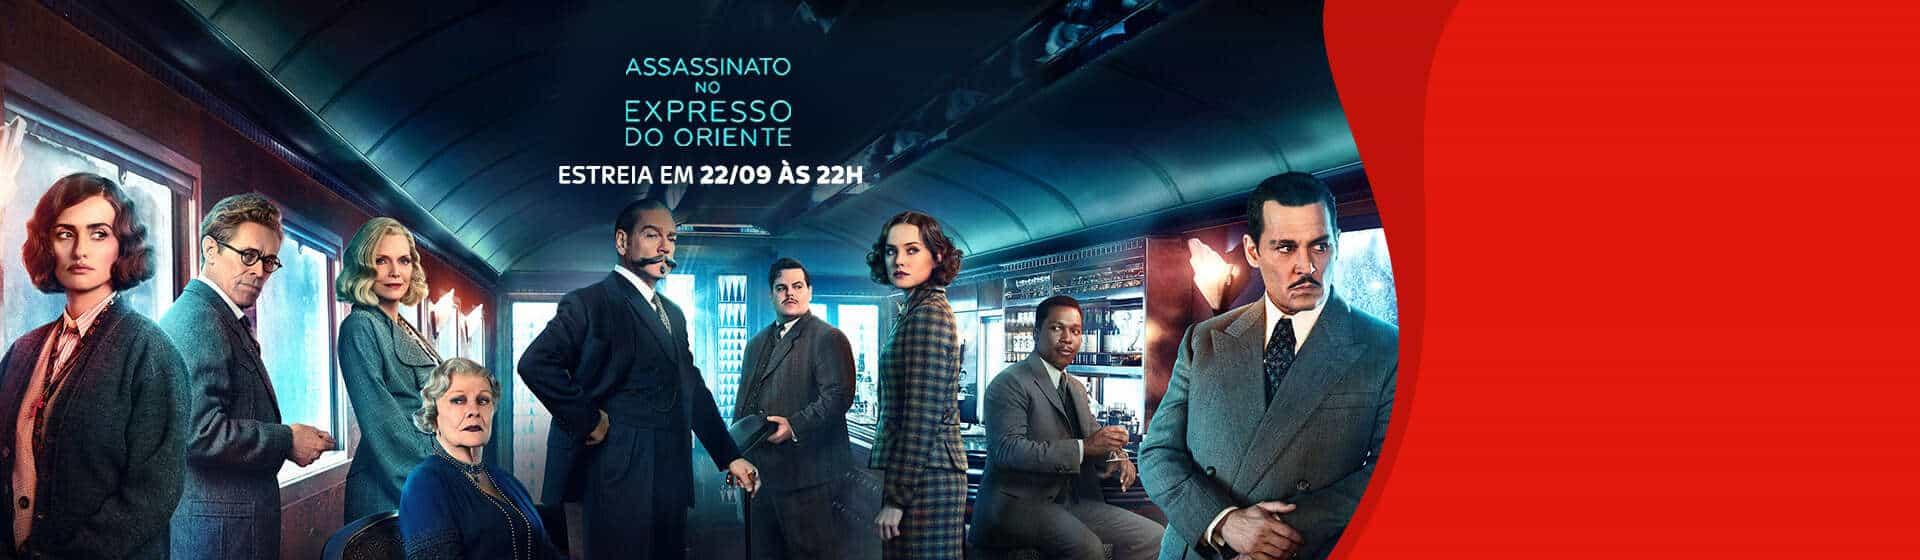 Telecine Aberto - SKY TV